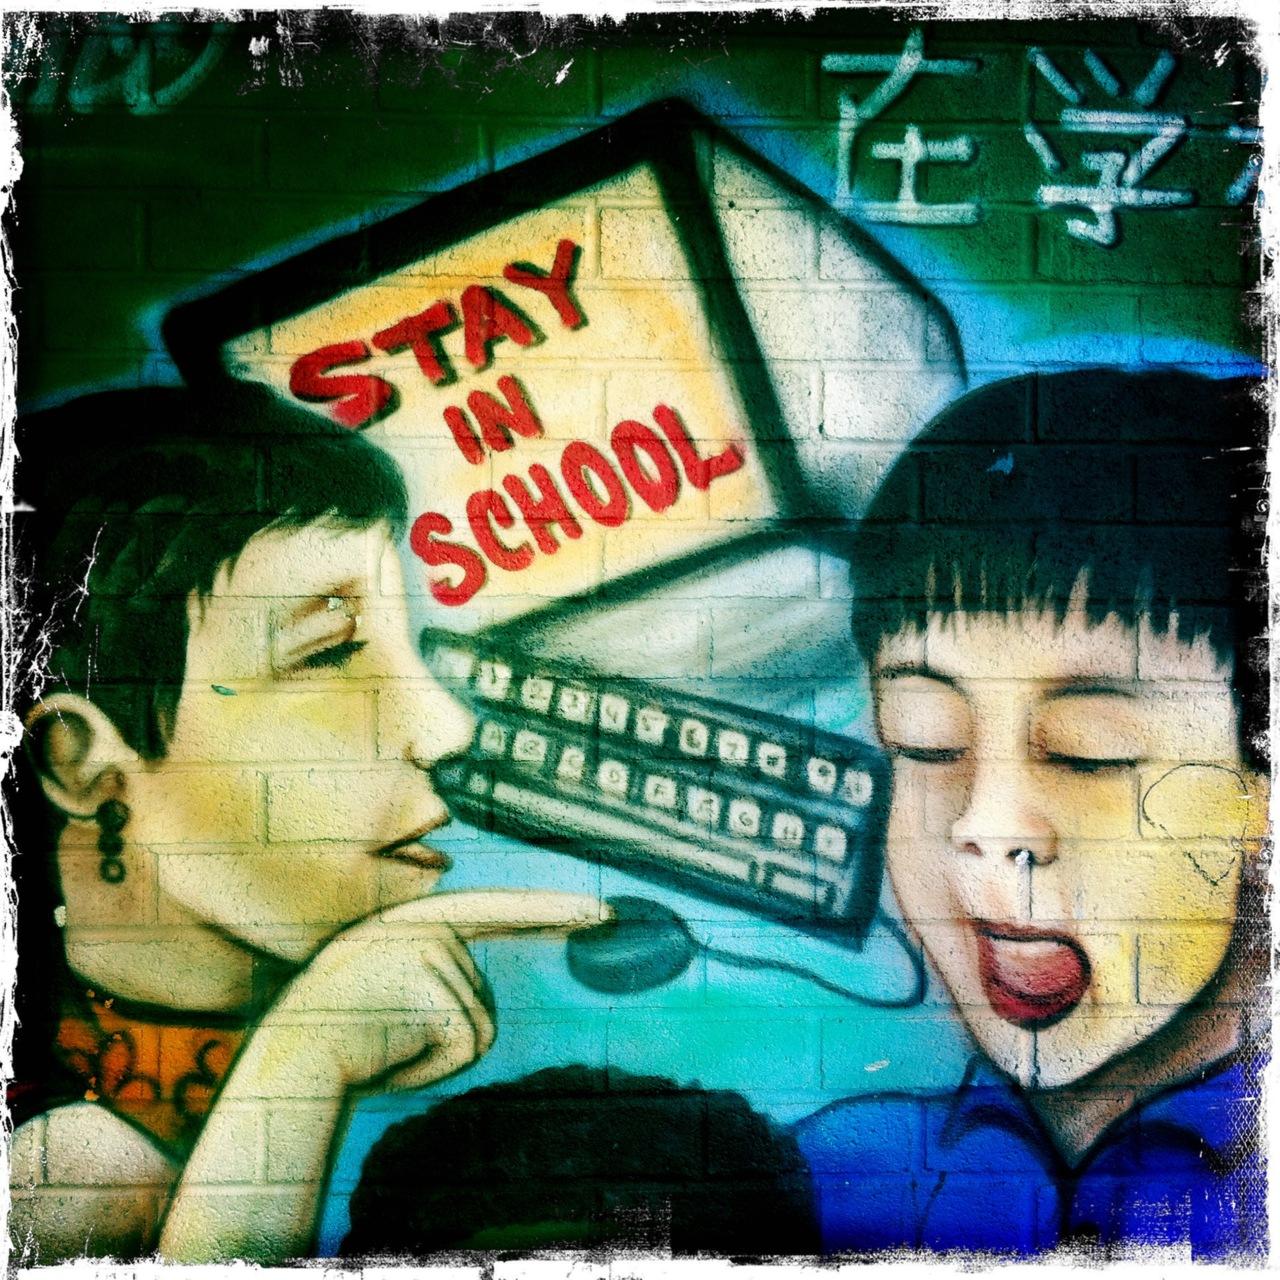 Stay In School.